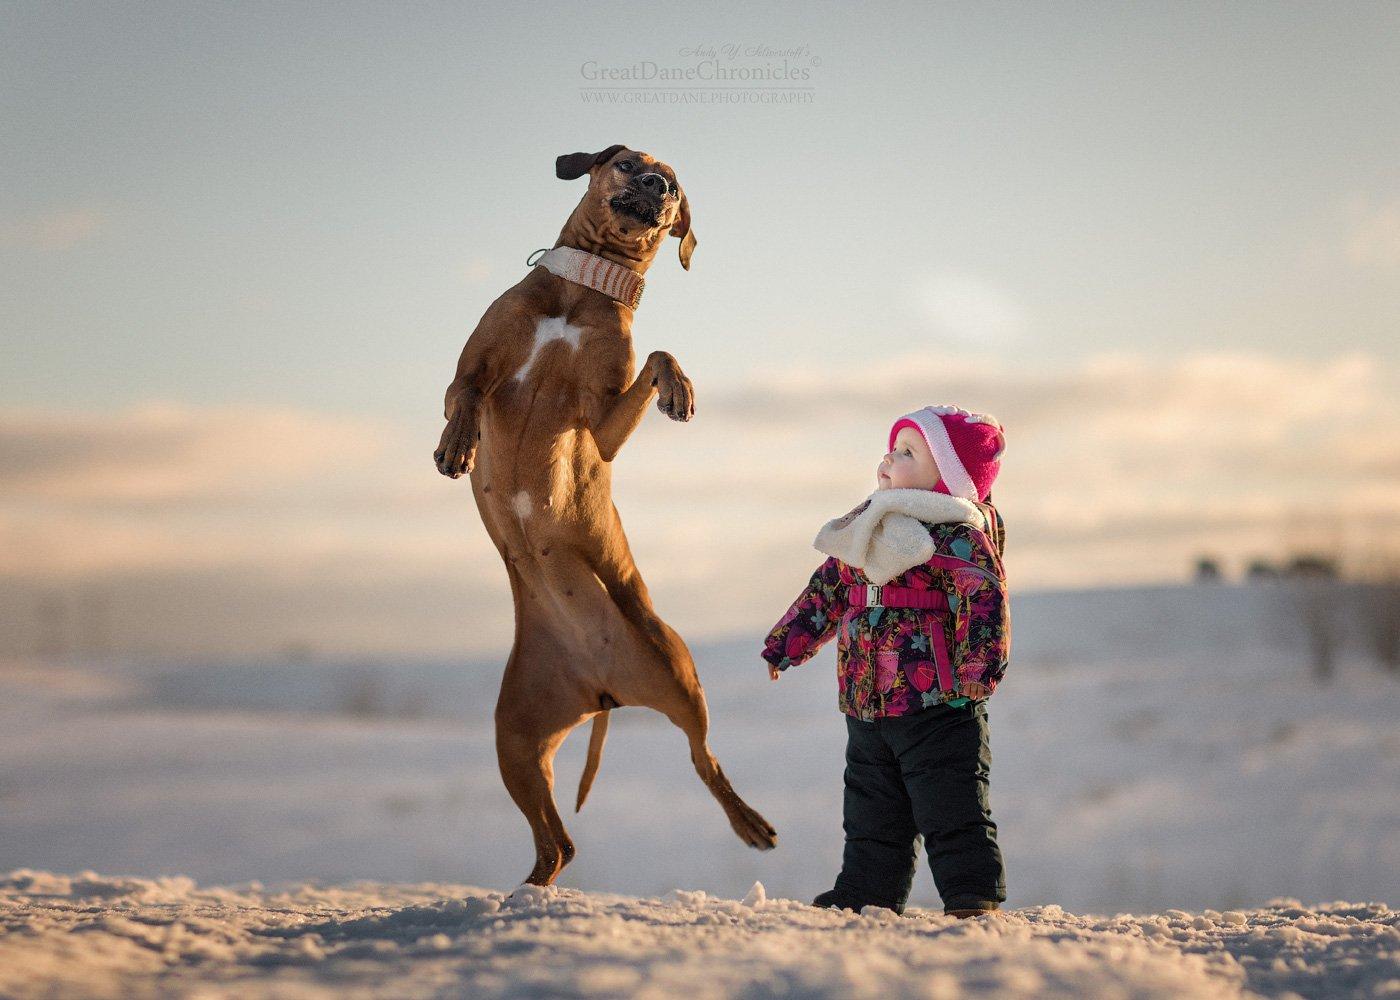 собака, риджбек, родезийский риджбек, снег, зима, солнце, Андрей Селиверстов